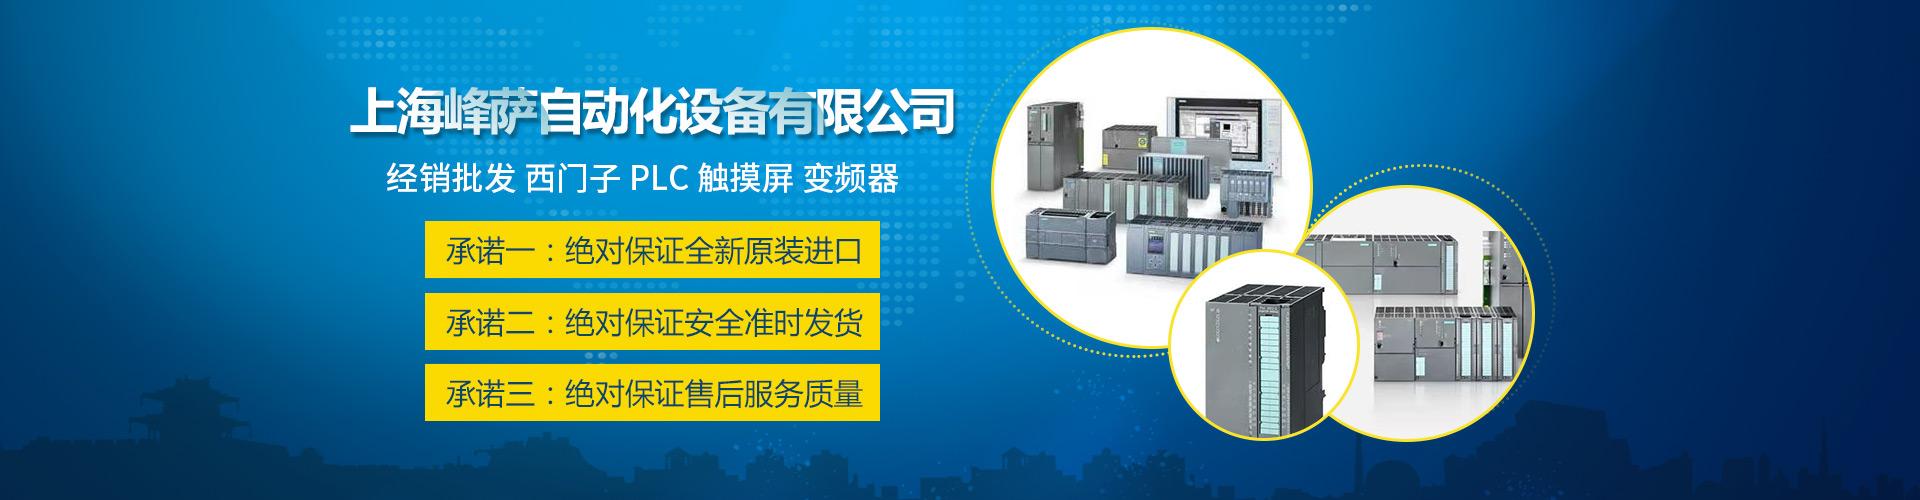 【西門子PLC輸入模塊SM322】PLC的模擬量輸入輸出是什么意思